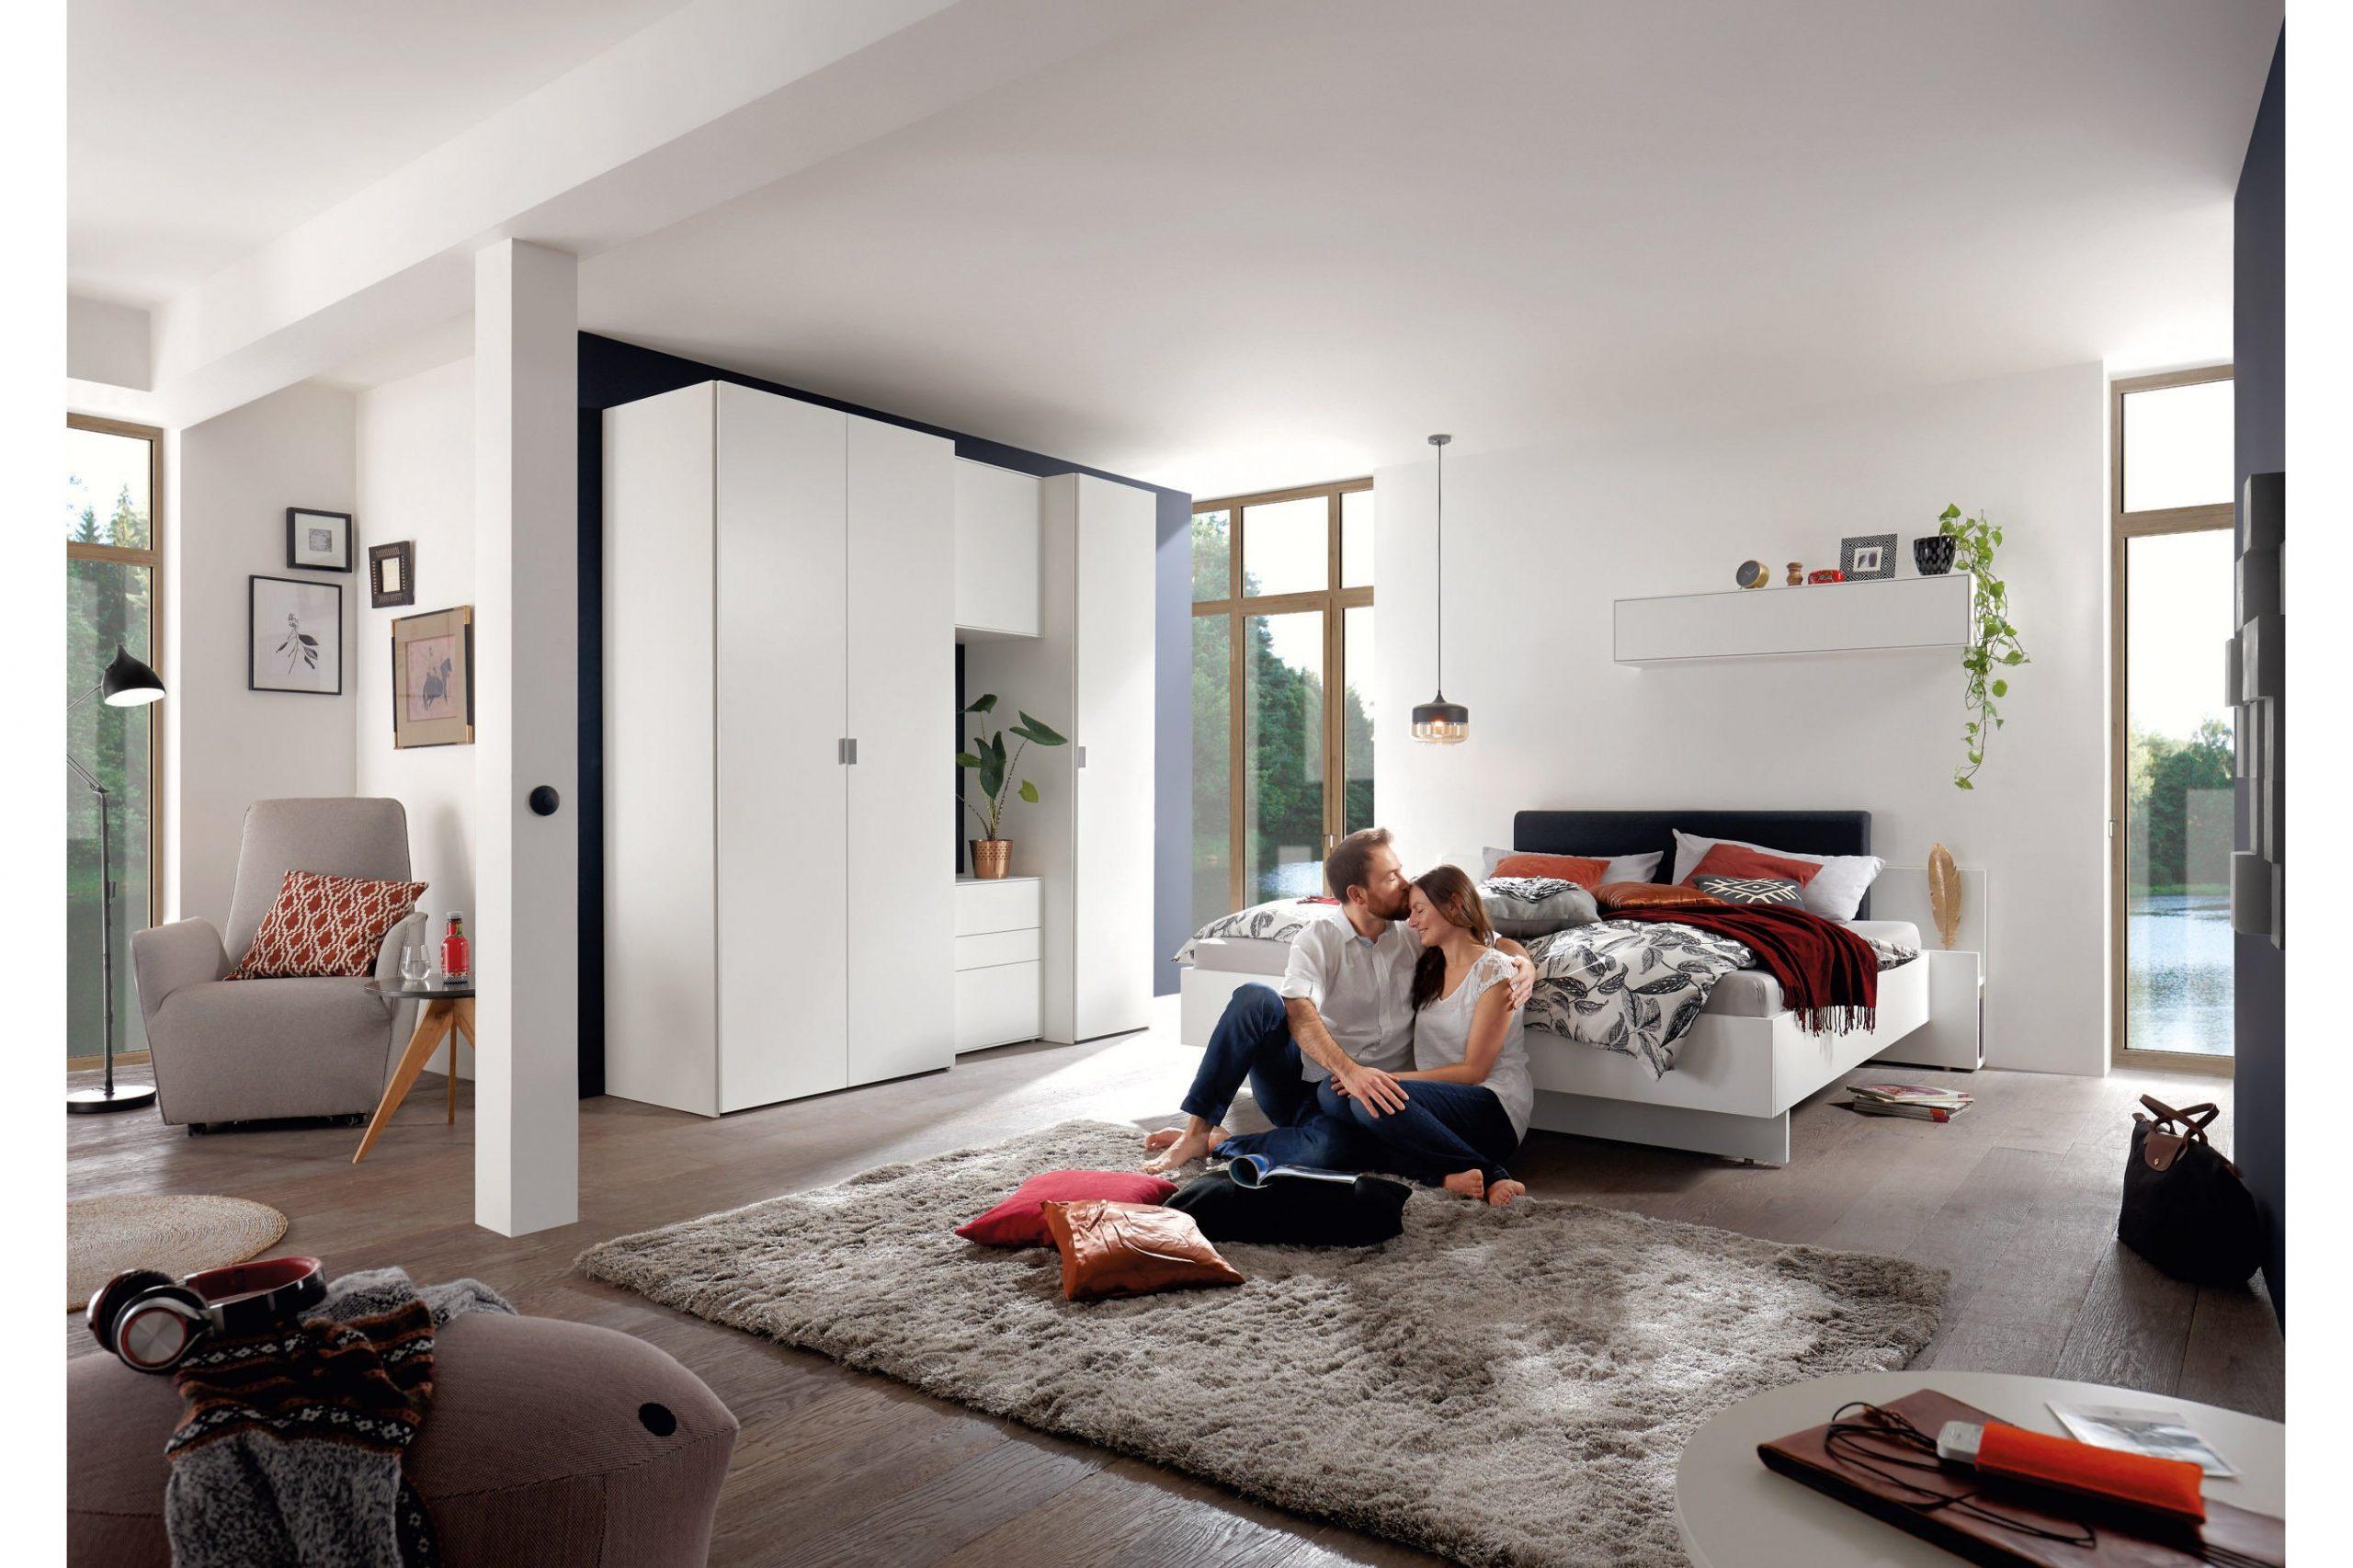 Full Size of Weißes Schlafzimmer Now By Hlsta Basic Weies Mbel Letz Ihr Online Deckenleuchten Kommoden Loddenkemper Regal Set Günstig Schränke Deckenleuchte Günstige Schlafzimmer Weißes Schlafzimmer